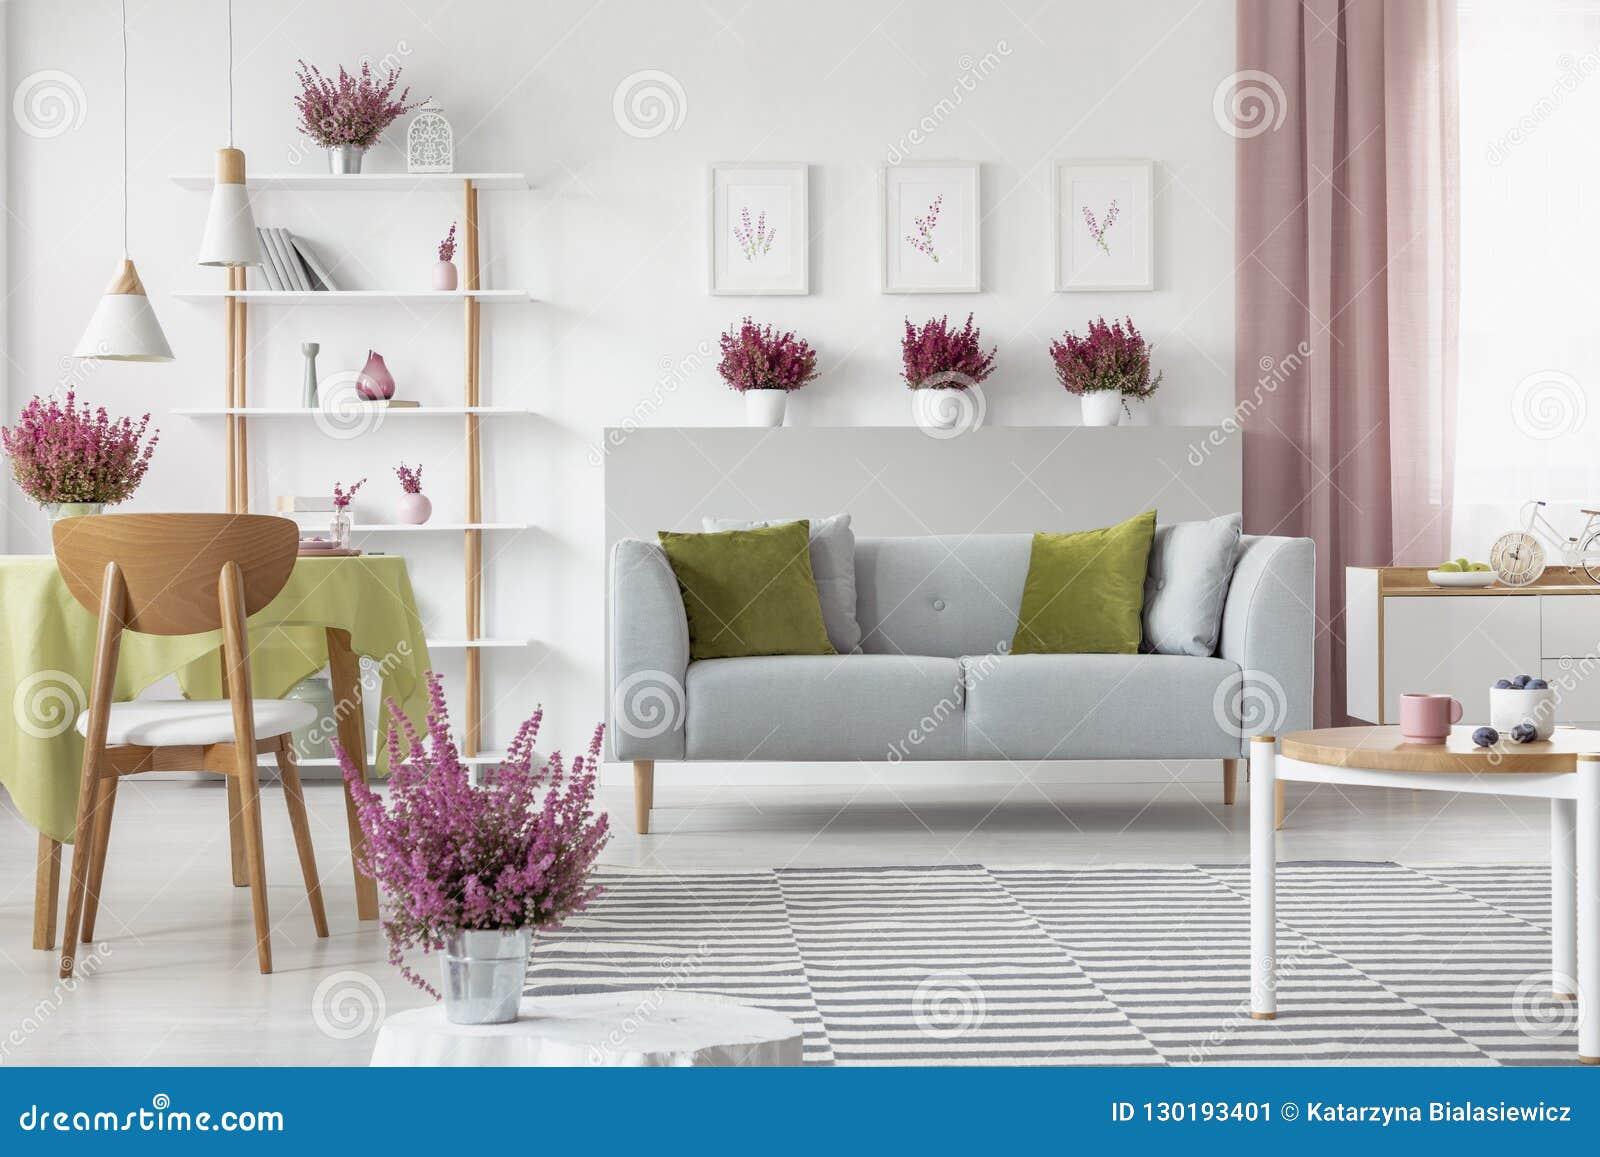 Elegancki żywy pokój z wrzosem na meble, eleganckim drewnianym stoliku do kawy, wzorzystym dywaniku i popielatej leżance szelfowy